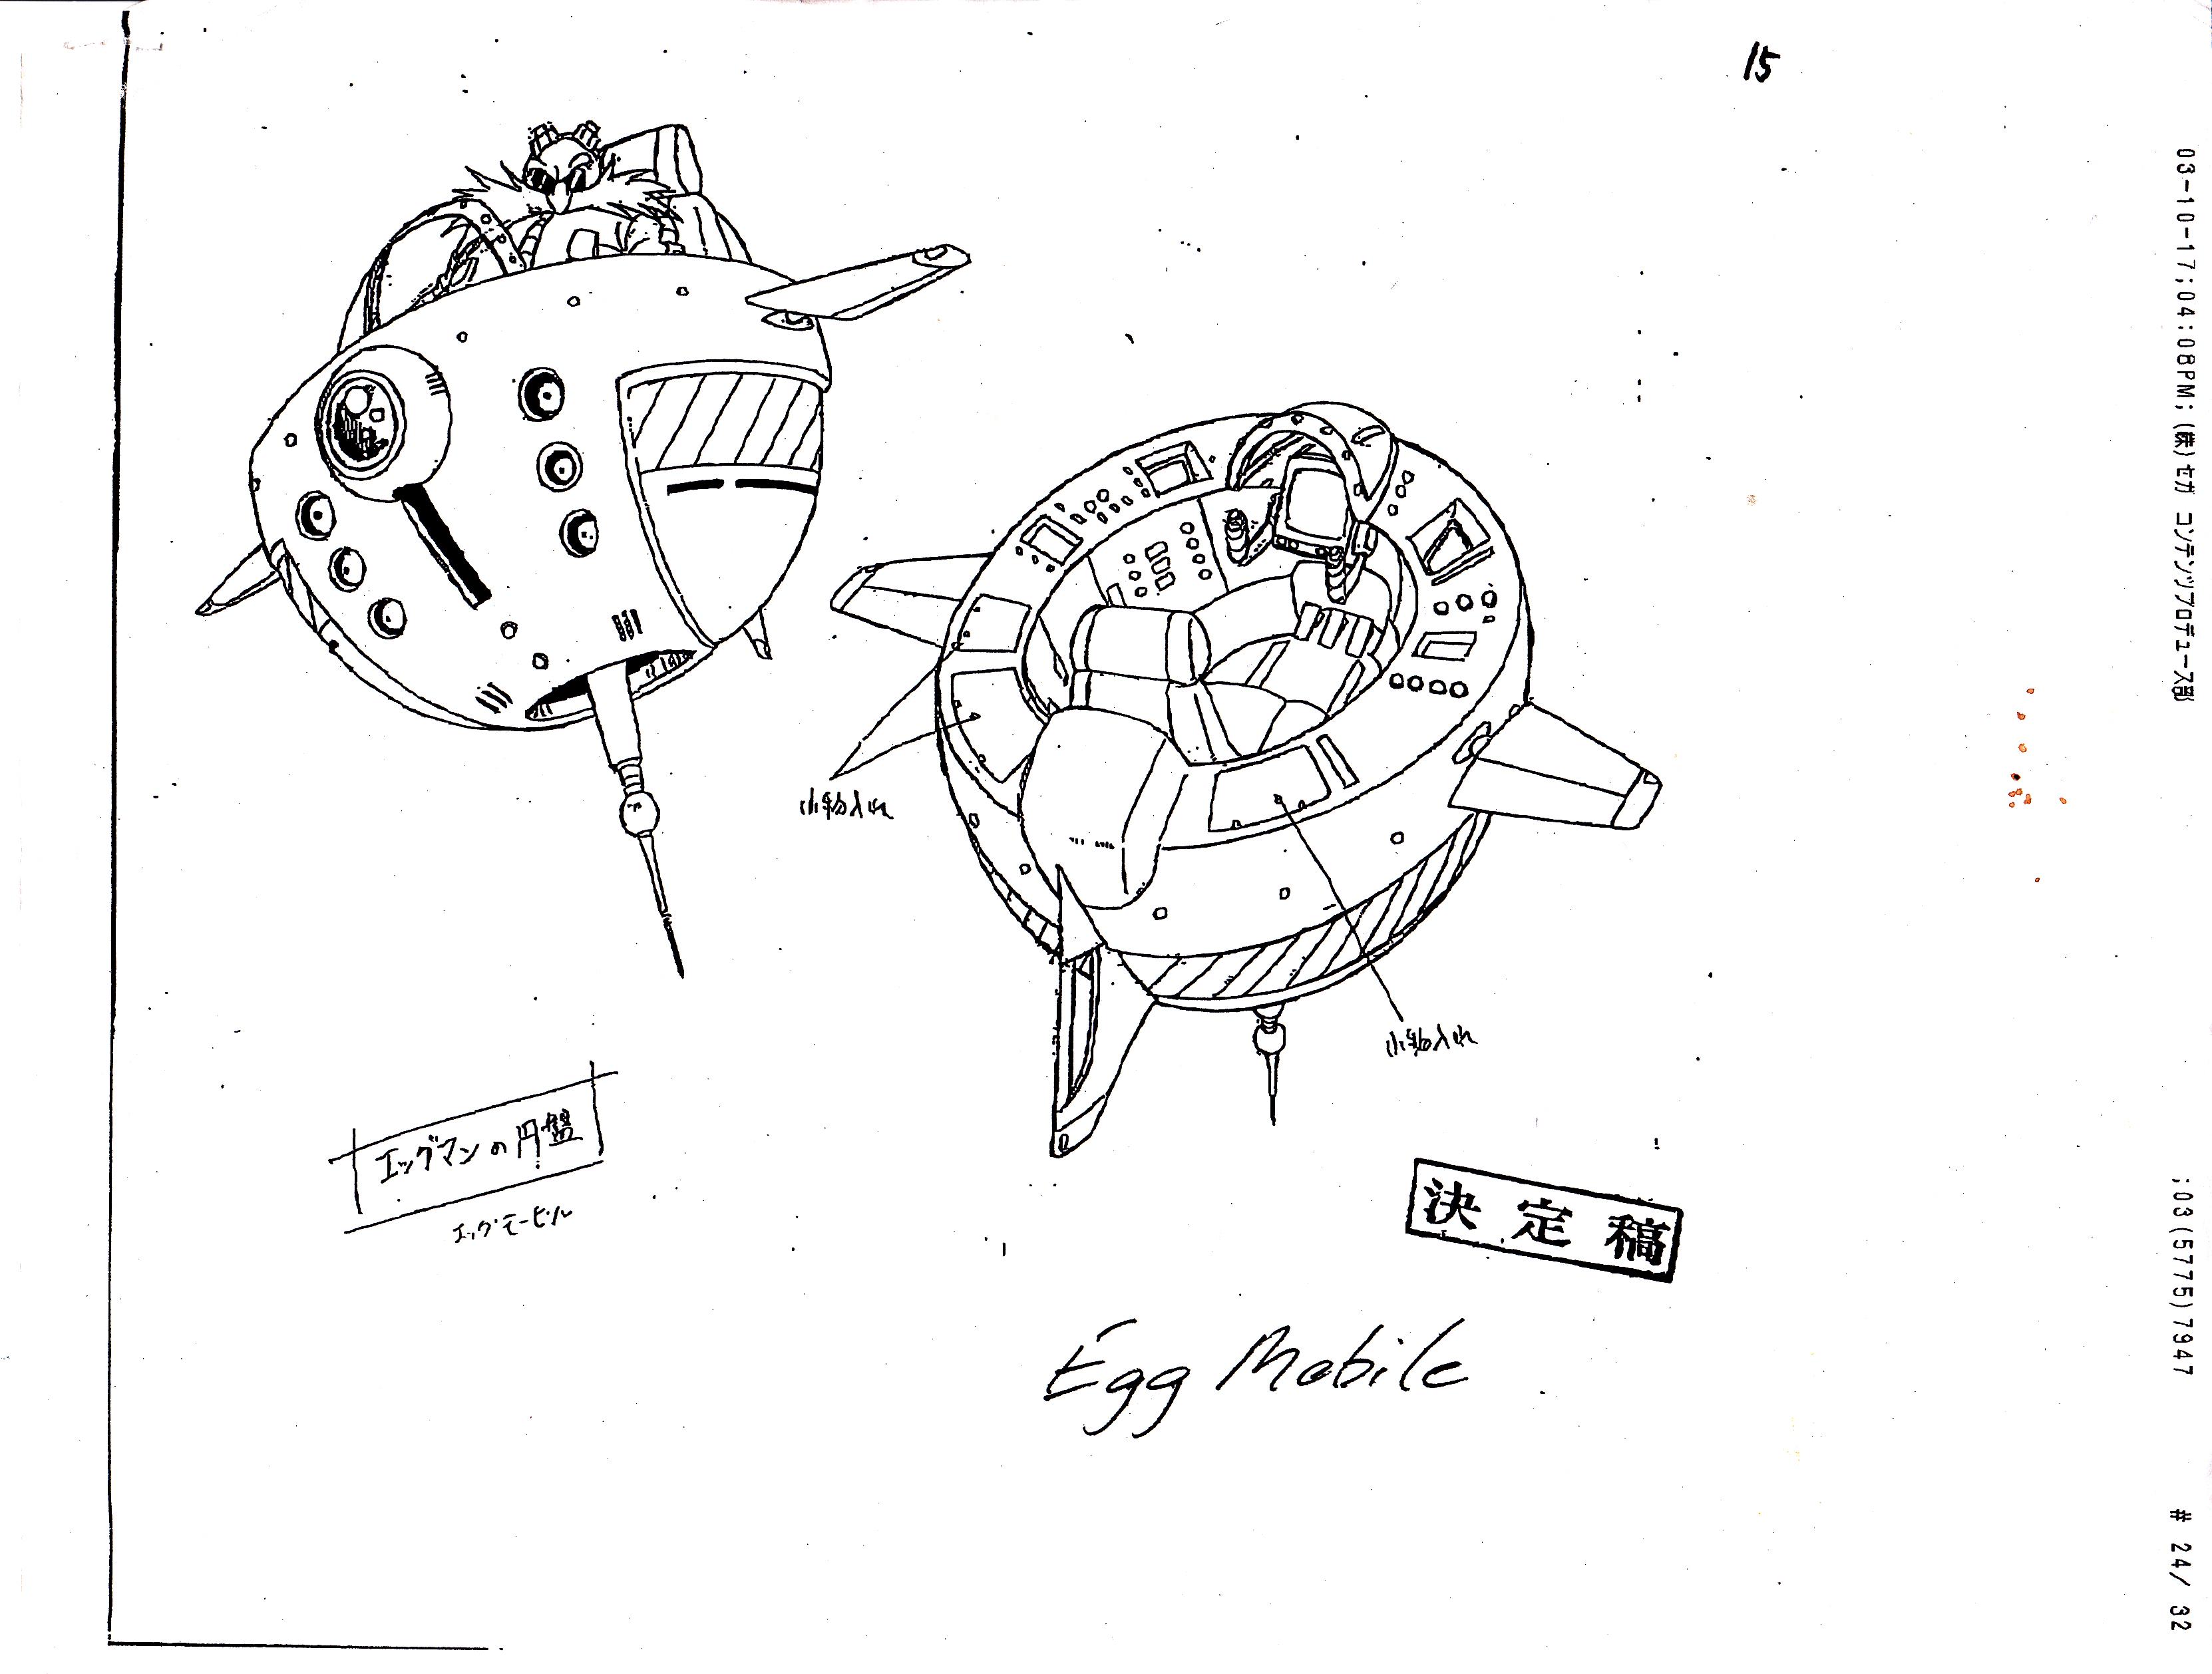 File:Eggmobile lineart.jpg